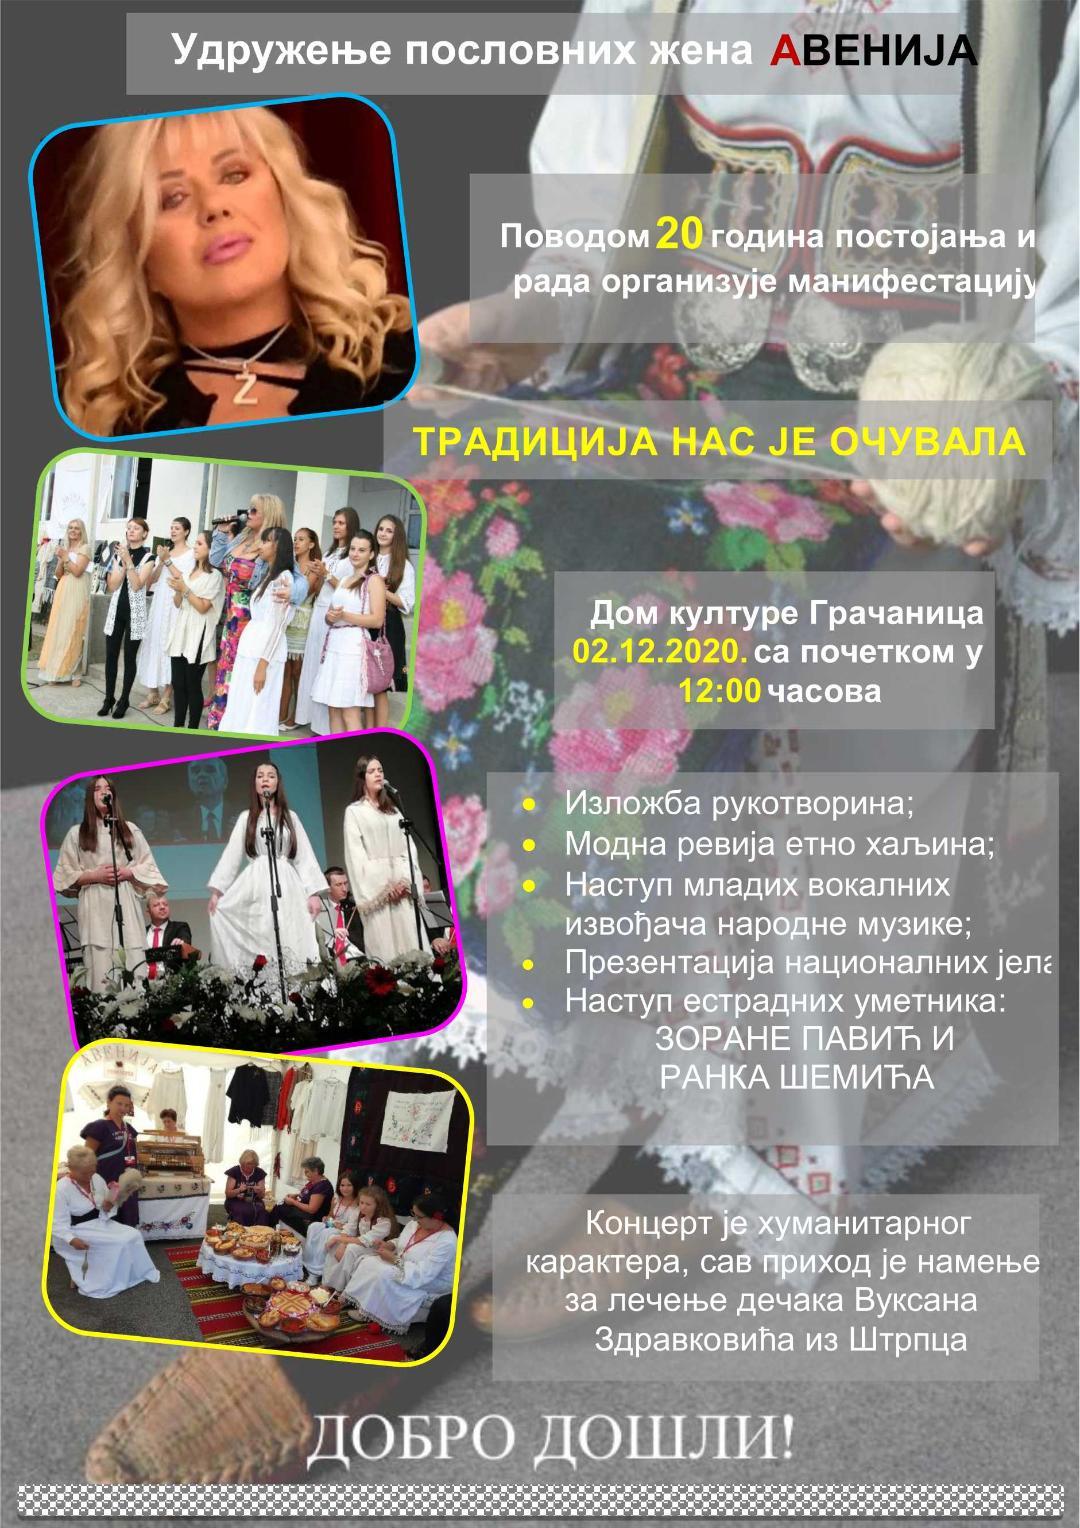 """Udruženje poslovnih žena """"Avenija"""" slavi 20 godina postojanja i rada"""